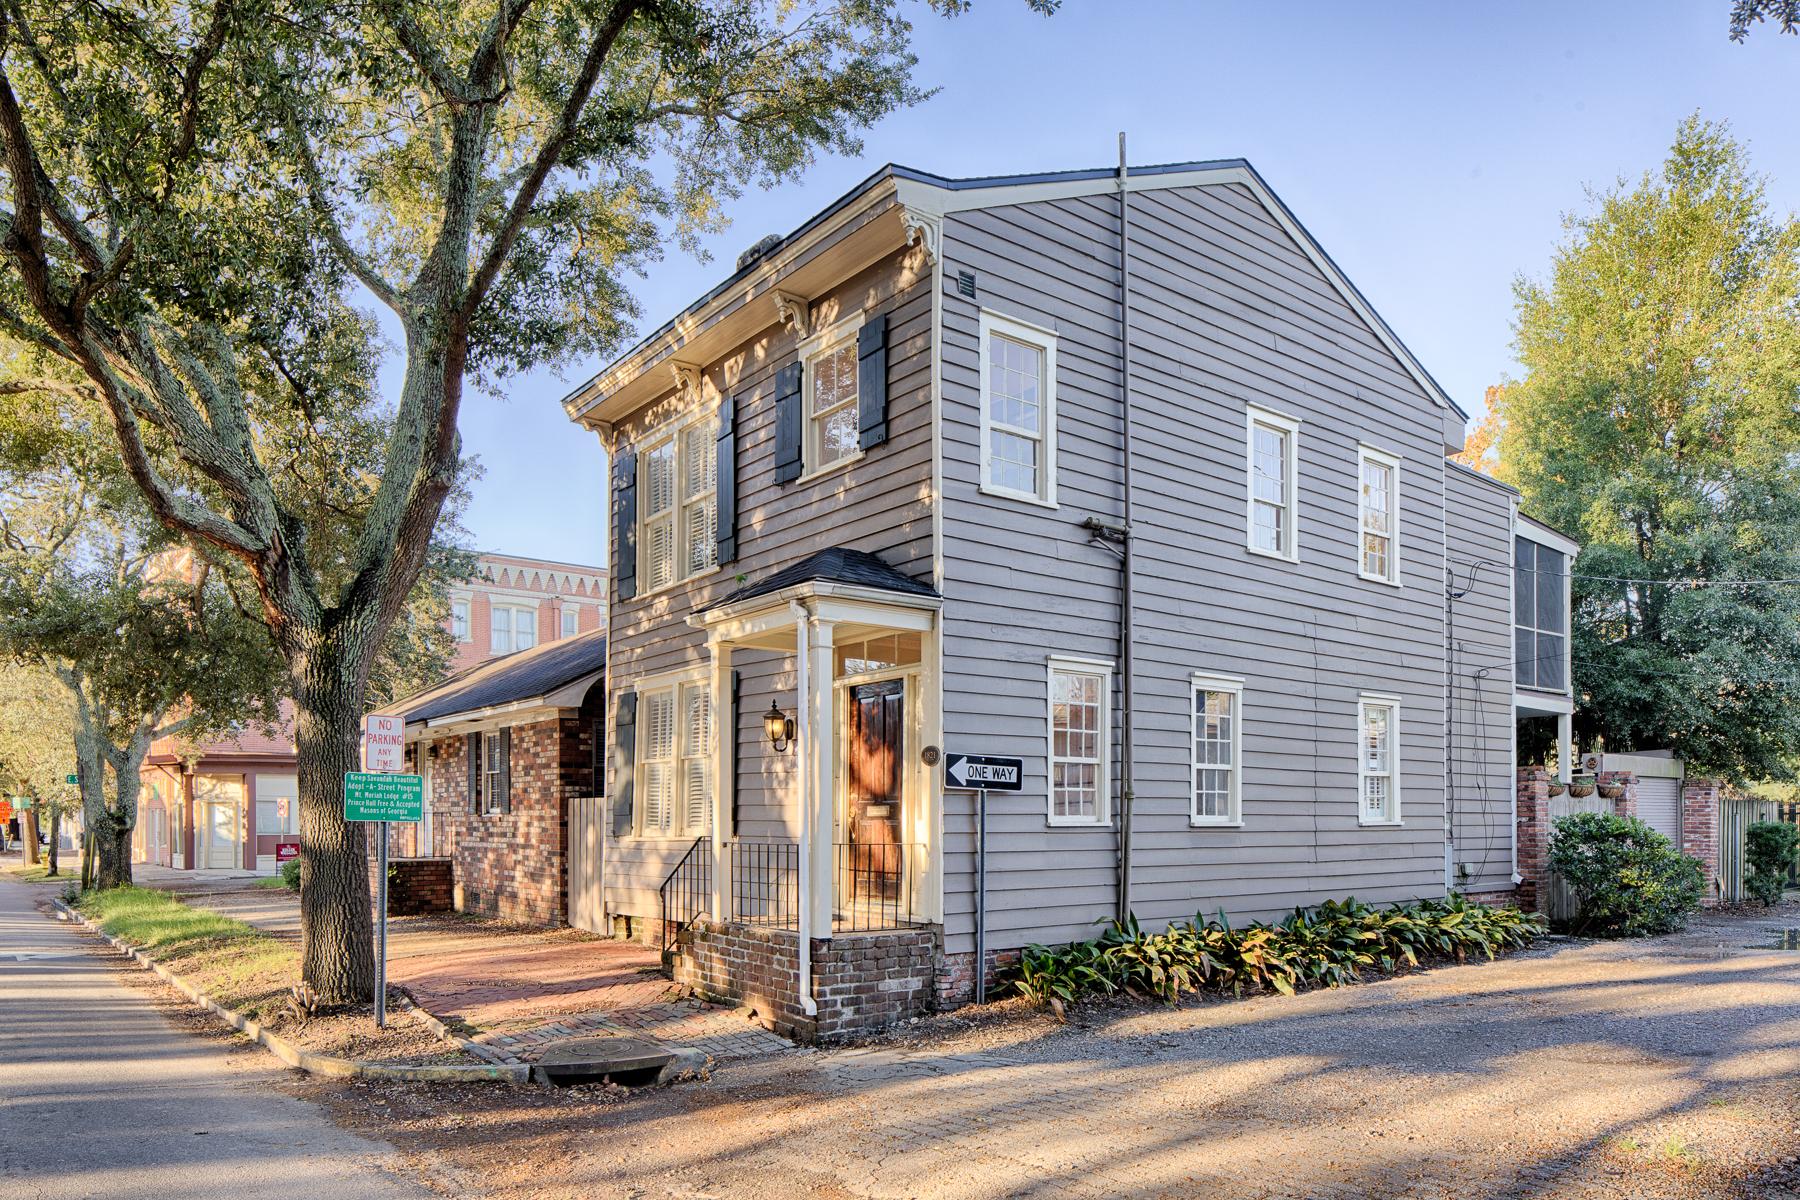 一戸建て のために 売買 アット 111 East Broad Street Historic District, Savannah, ジョージア, 31401 アメリカ合衆国